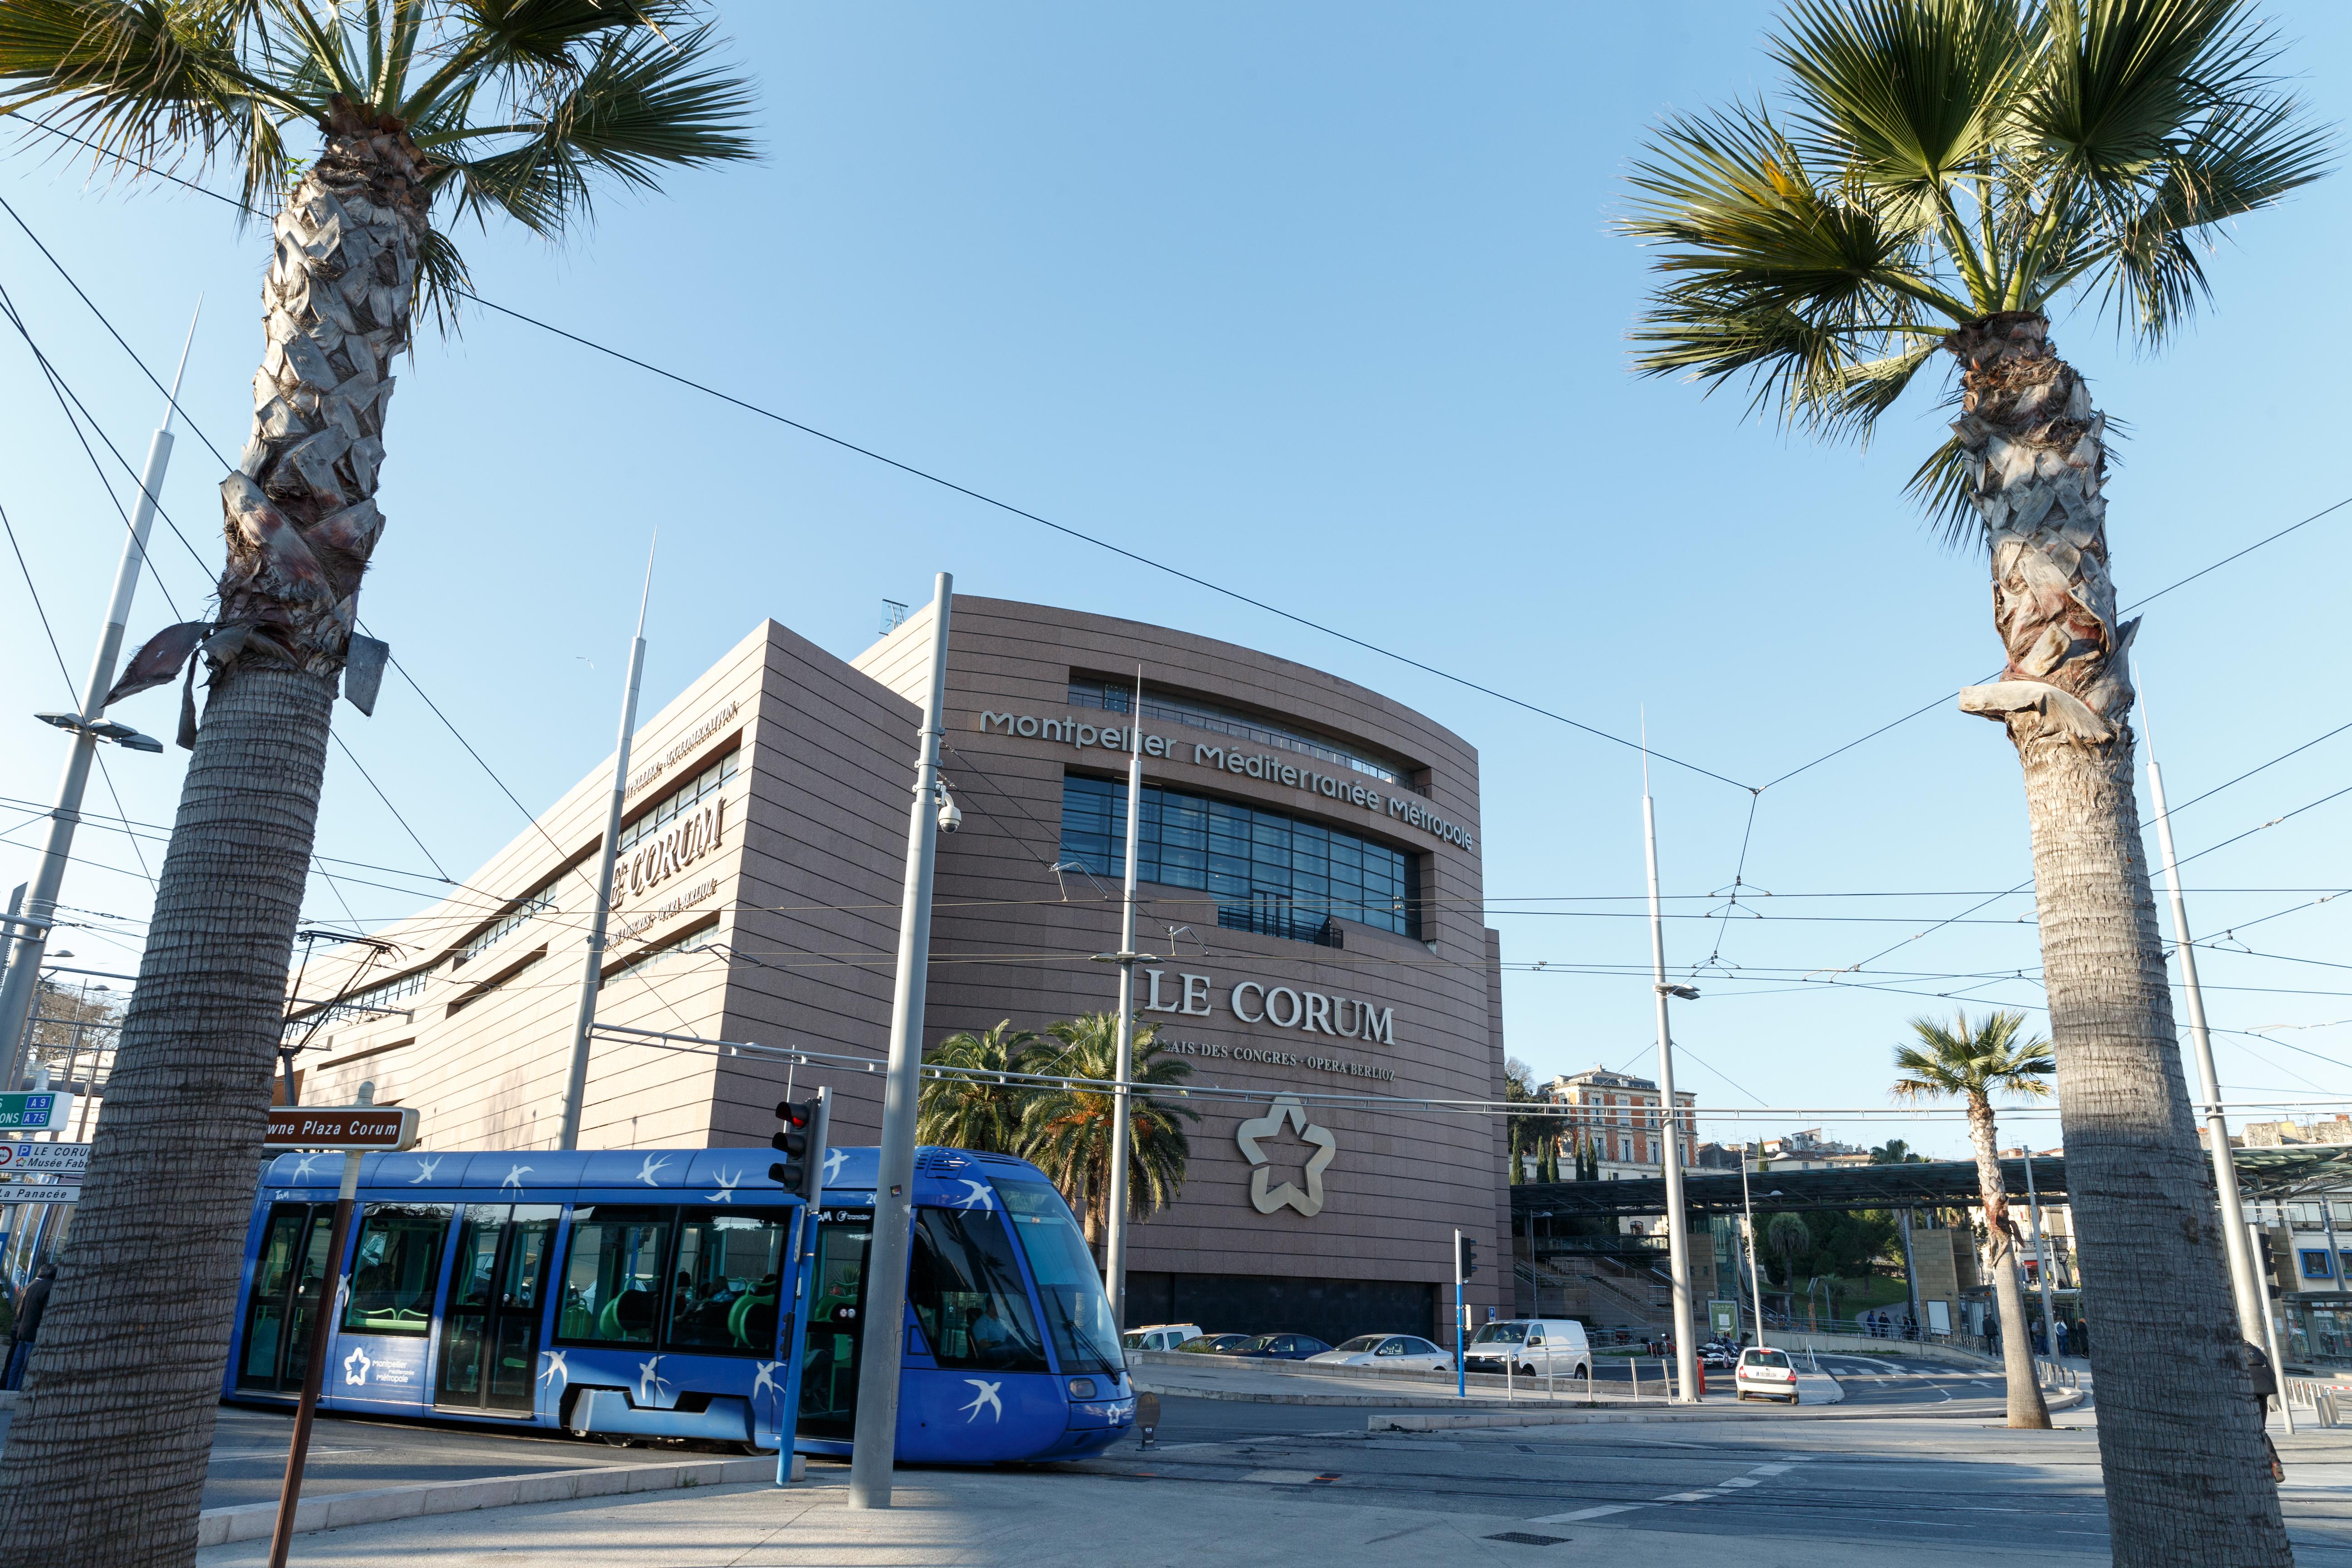 Le Corum Montpellier, Palais des Congrès